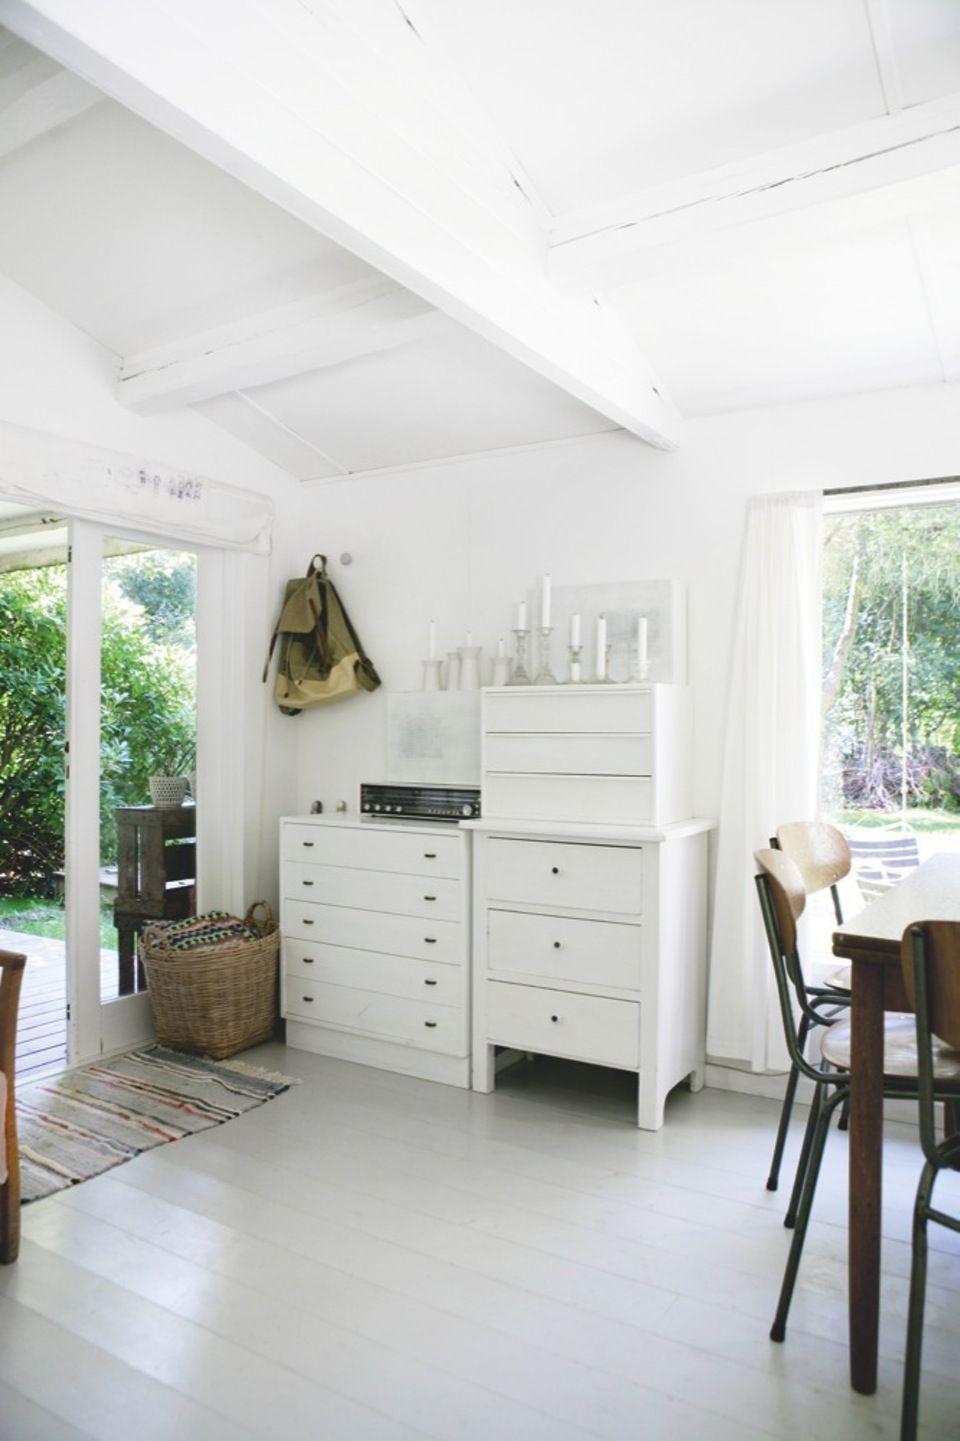 Sencilla casa de campo estilo escandinavo decoracion - Decoracion casas de campo ...